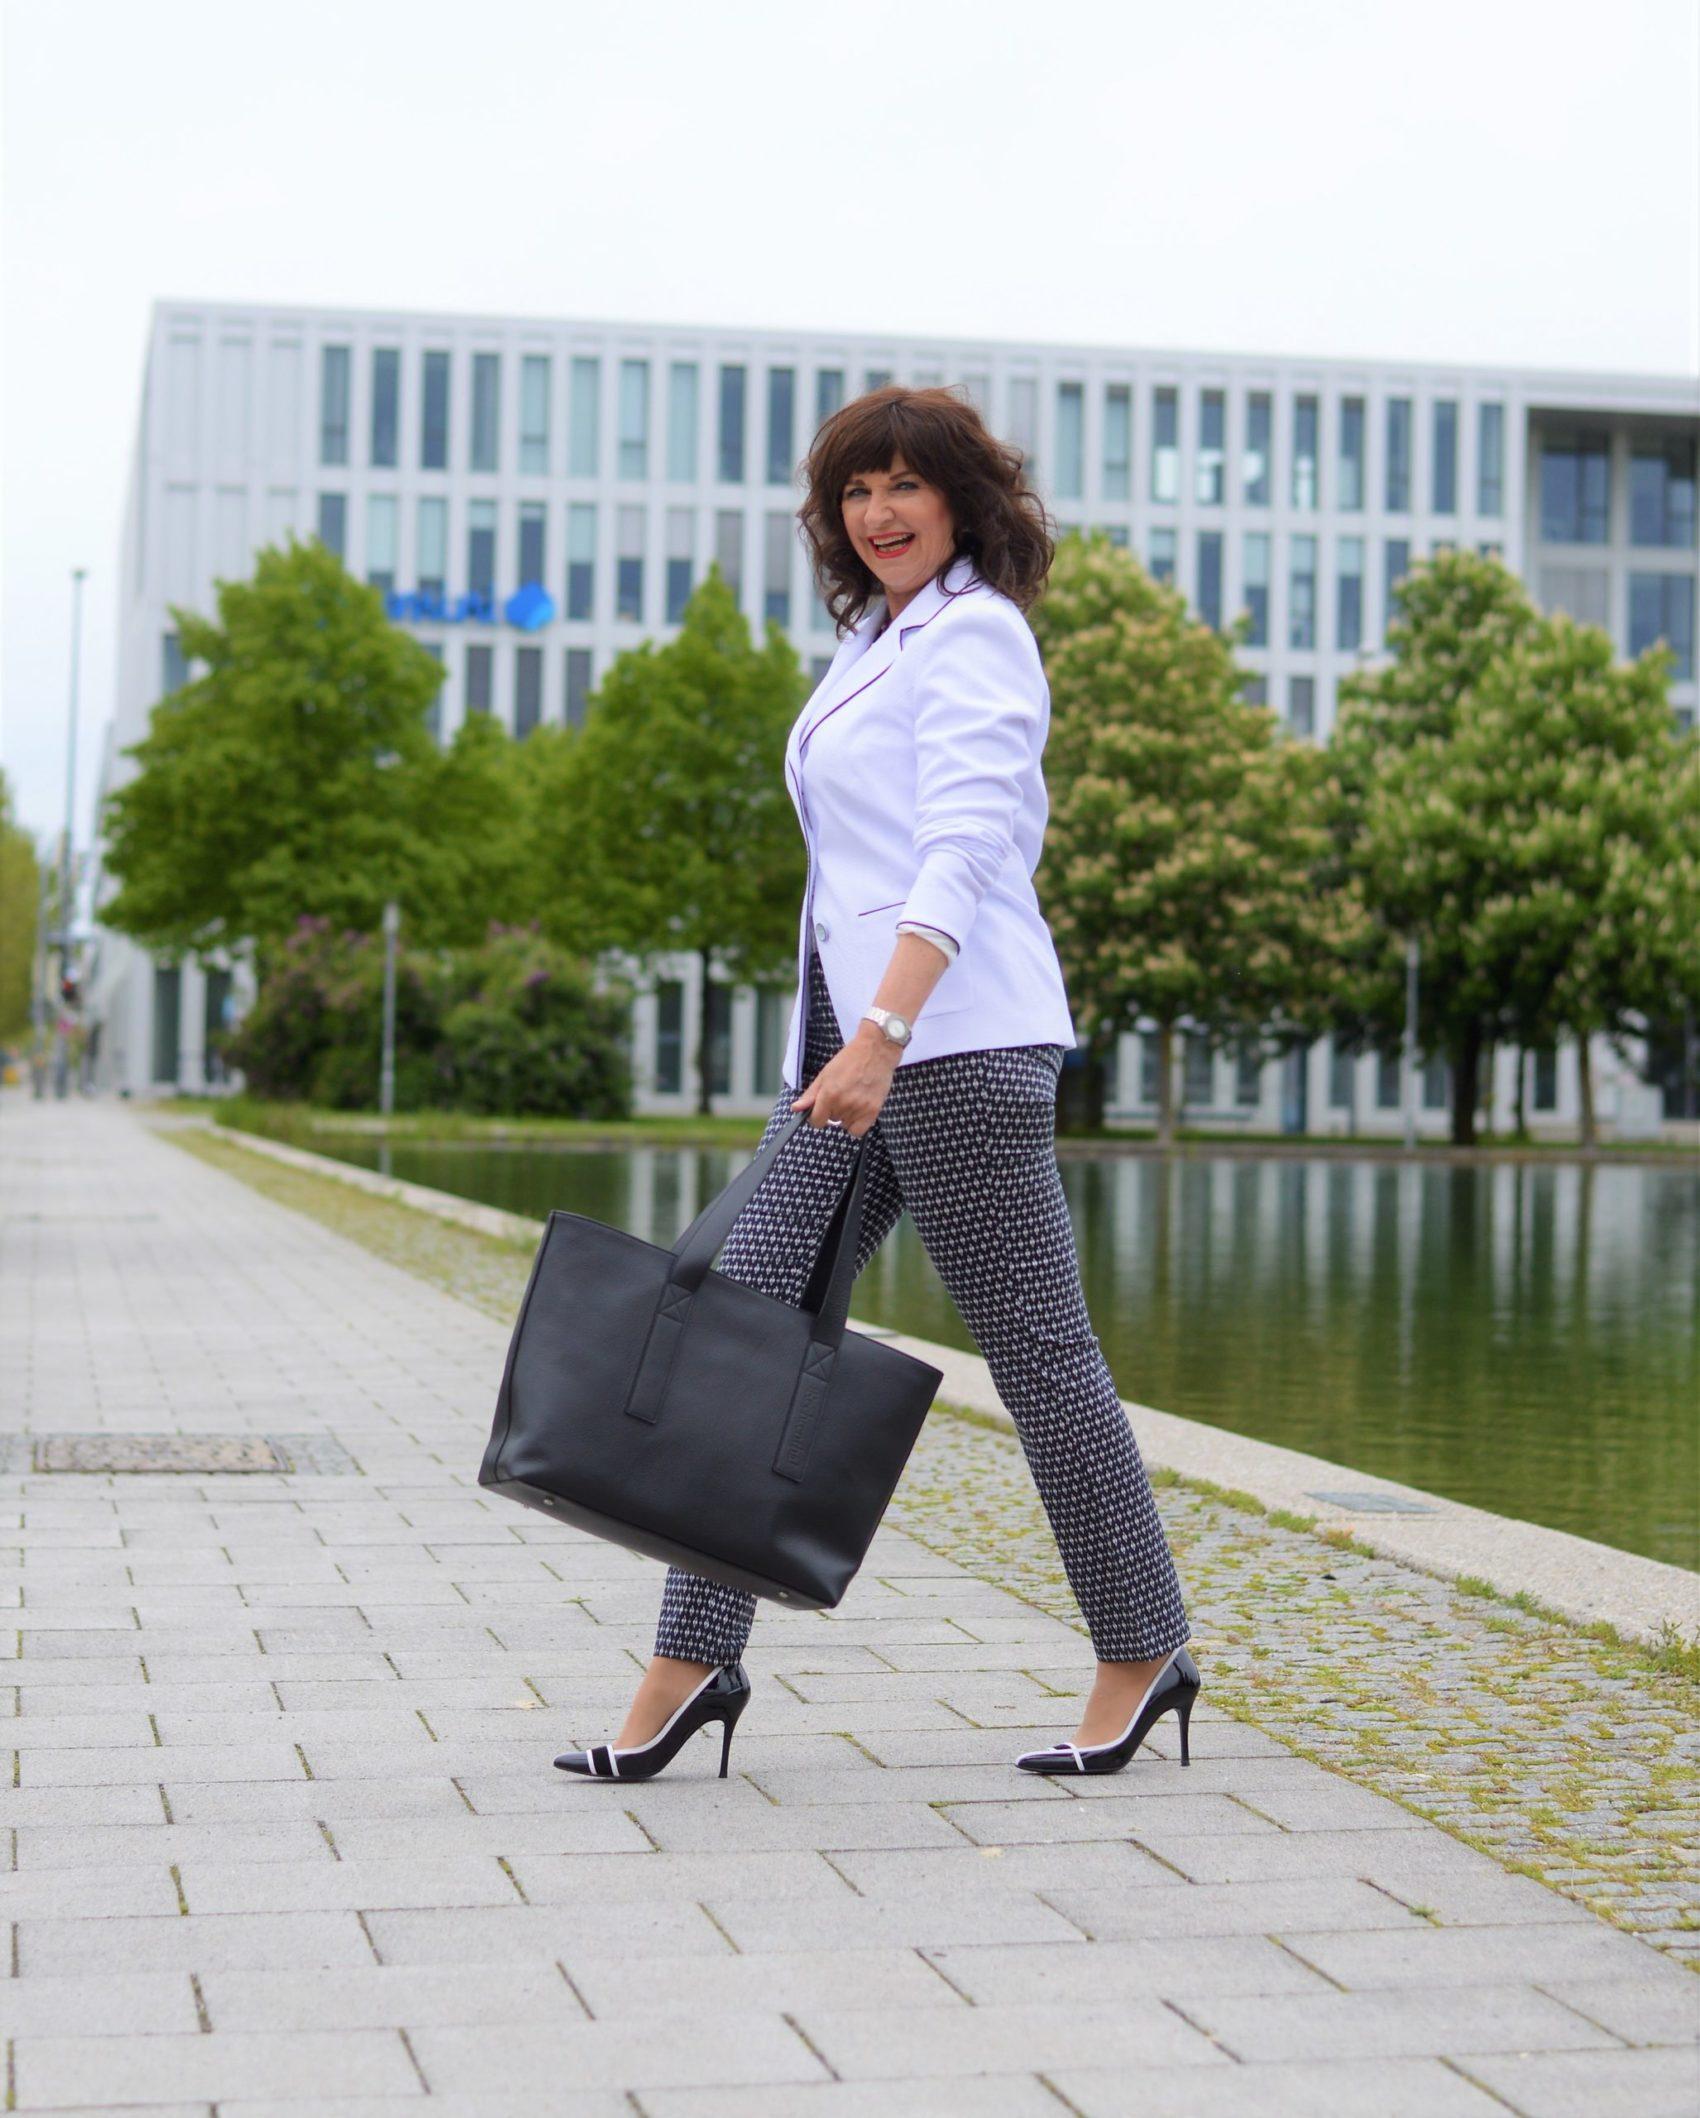 Taschenset von Rechtenthal mit Lady 50plus